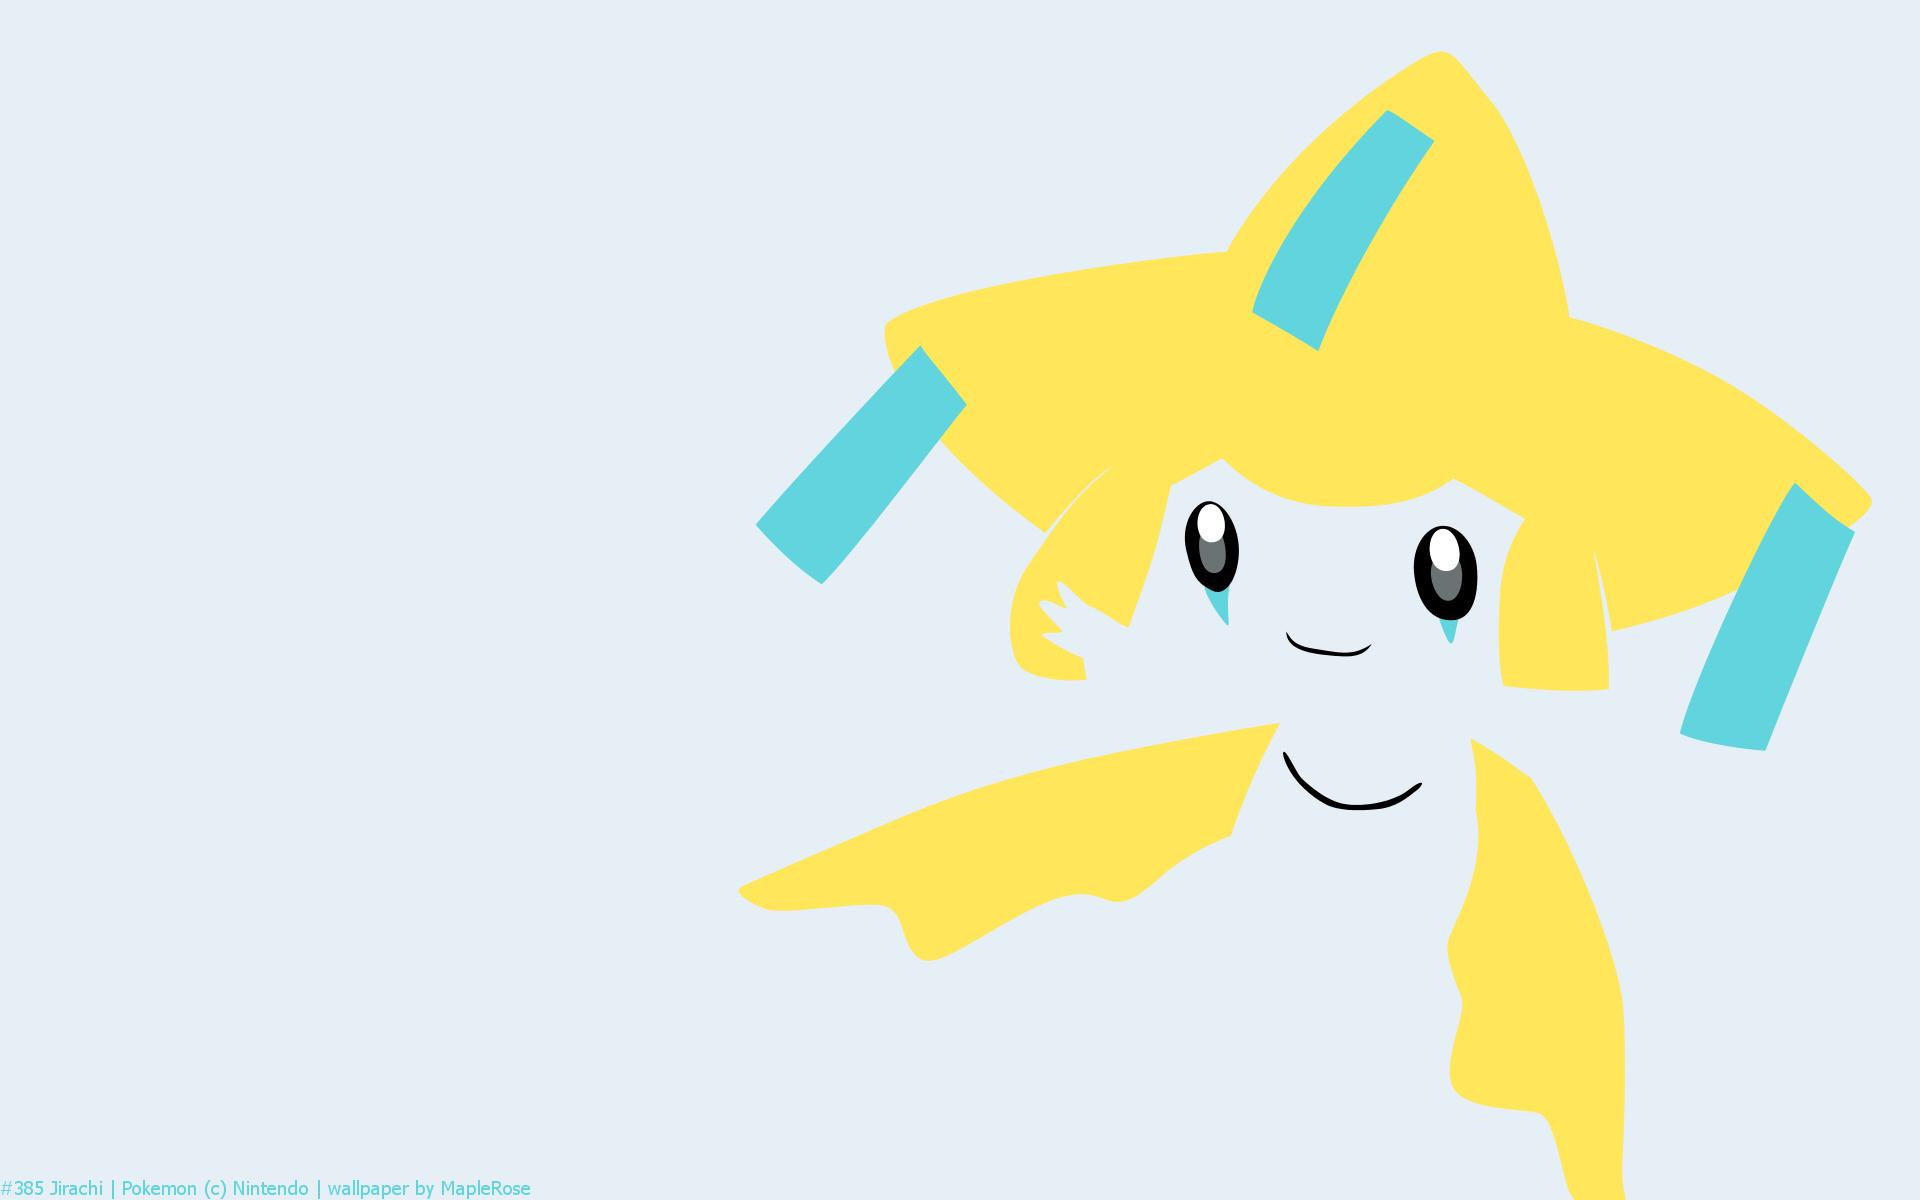 pokemon wallpaper maker images pokemon images